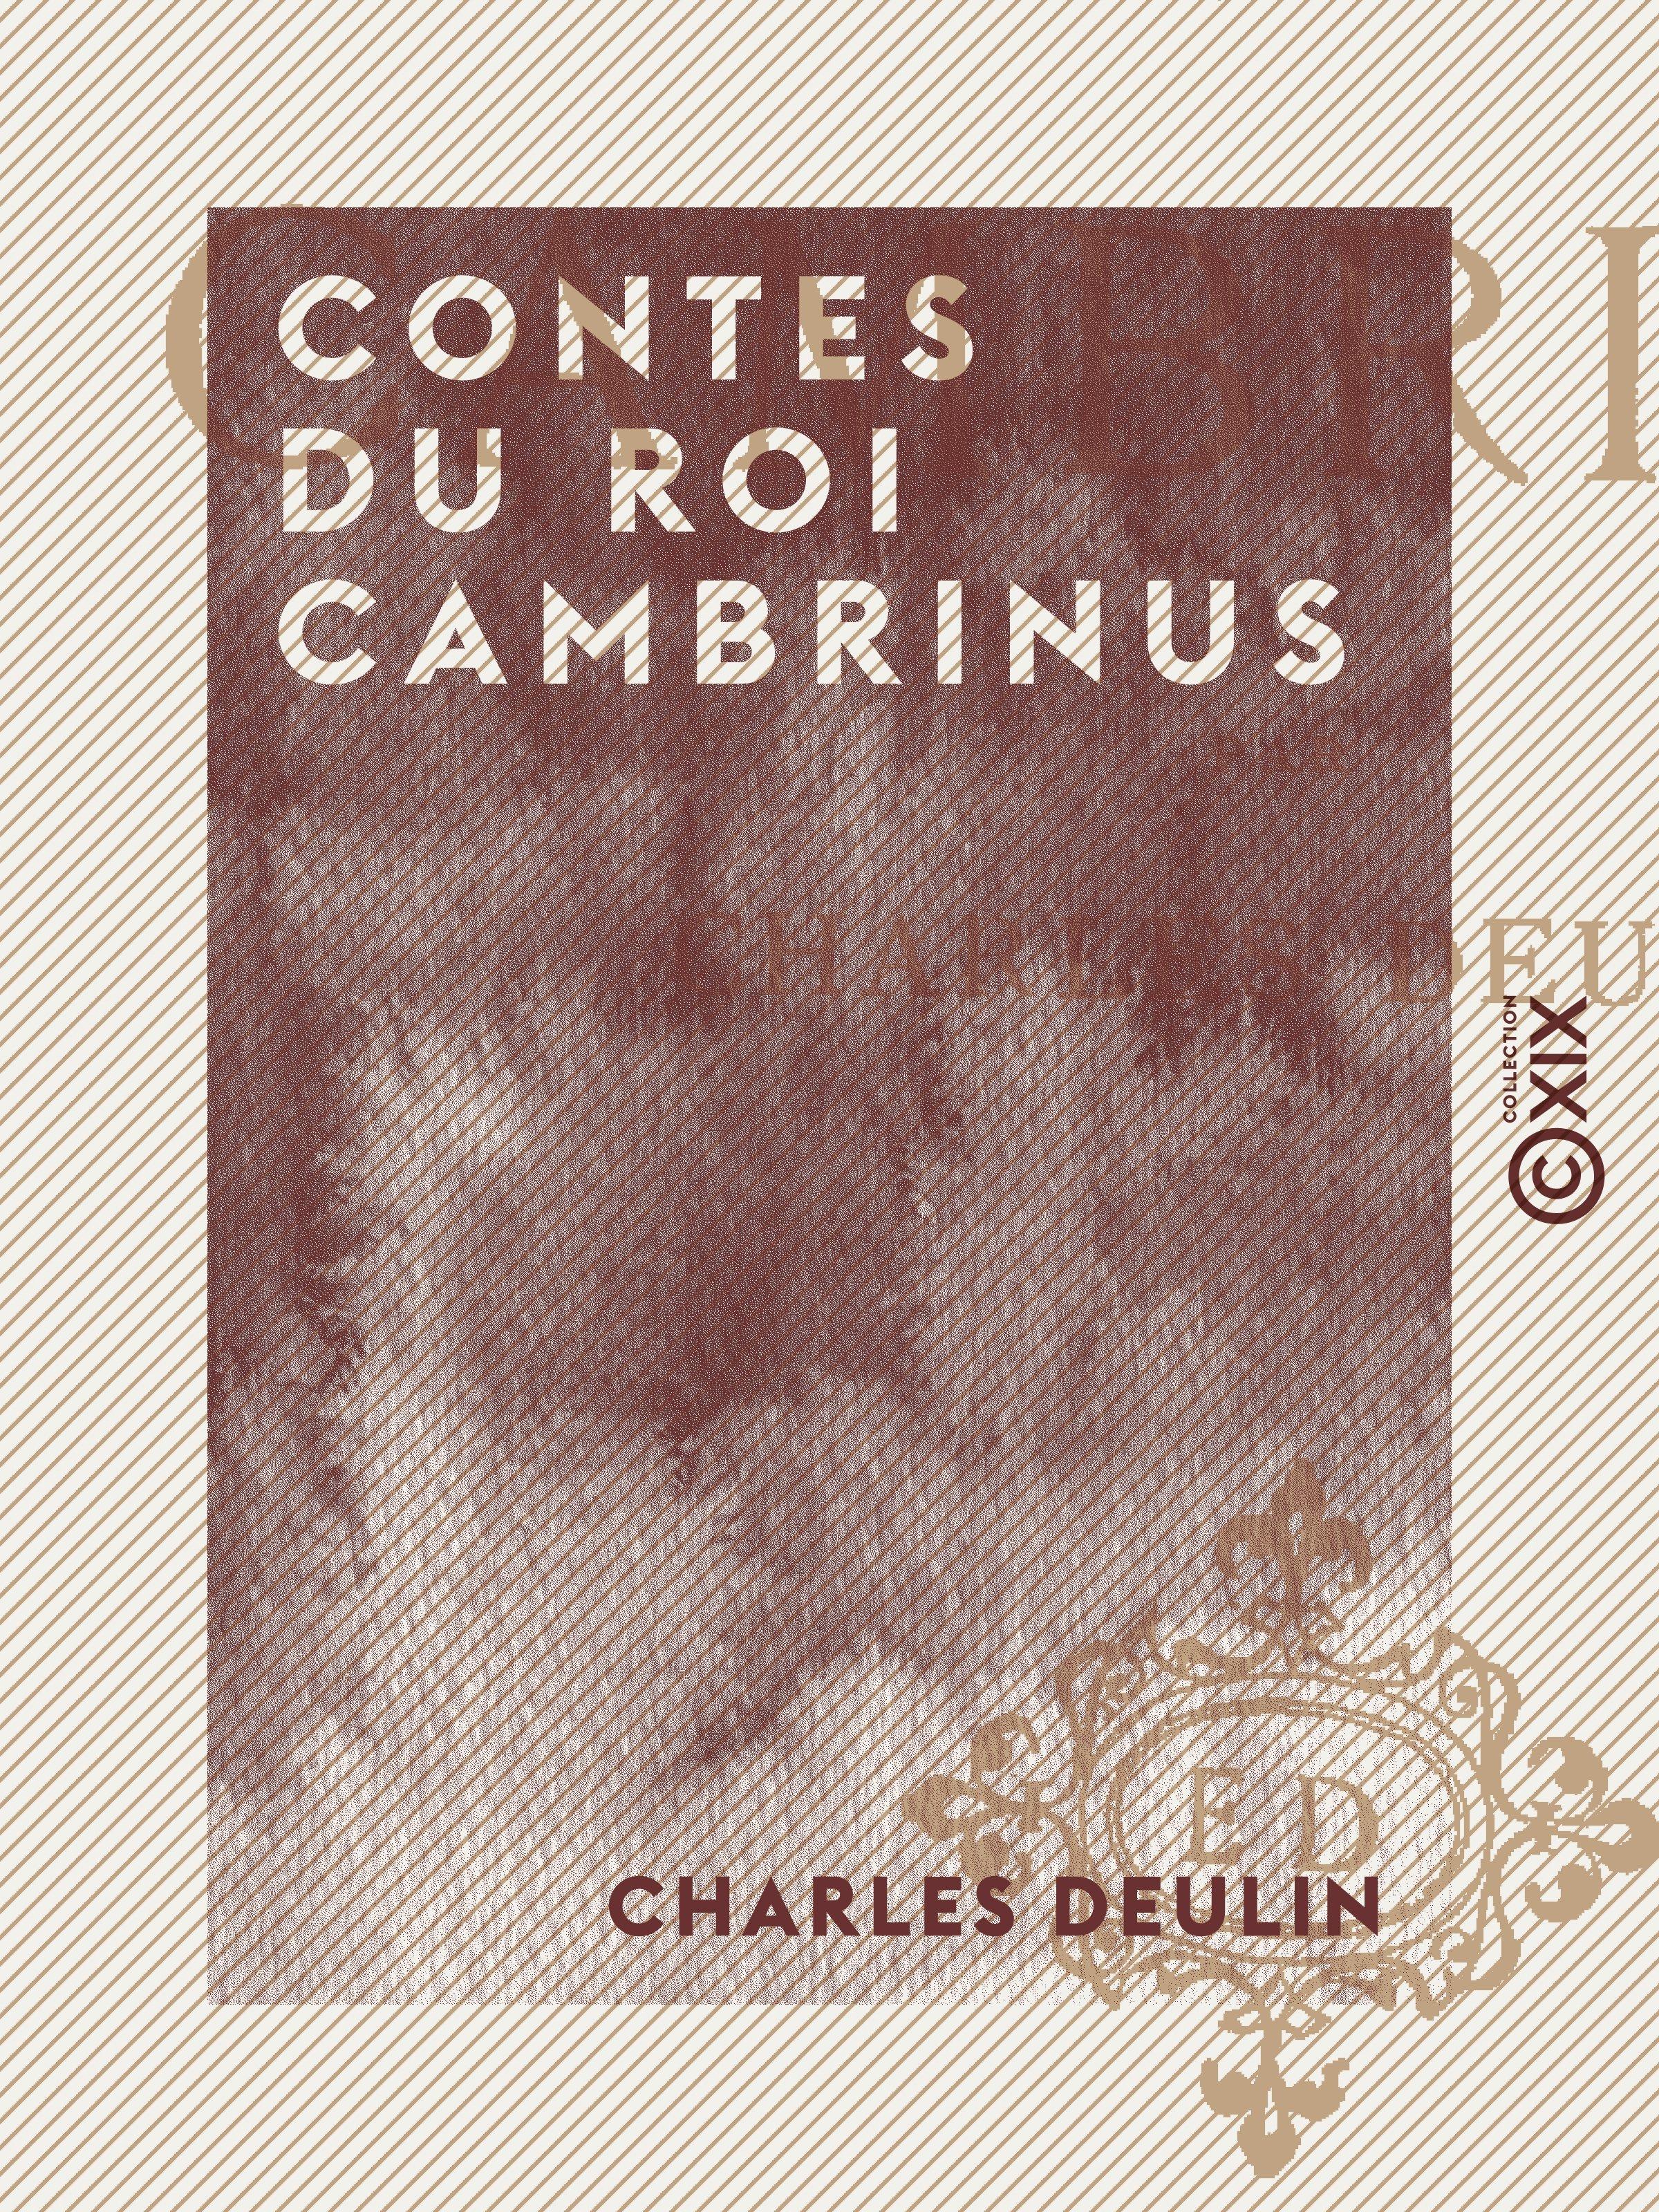 Contes du roi Cambrinus